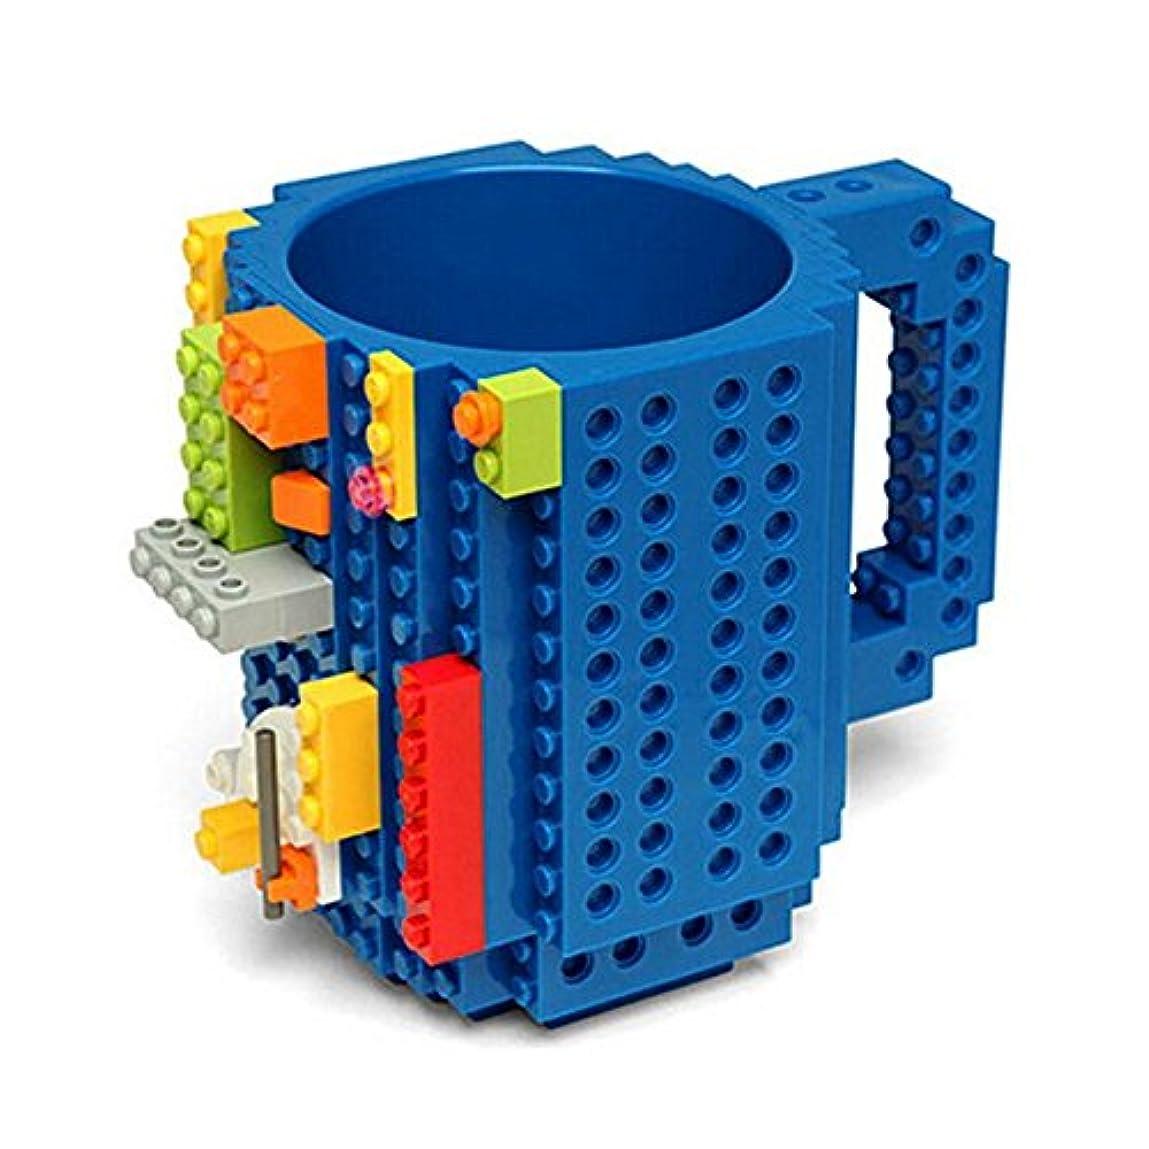 技術的なオリエント自治Maxcrestas - 350ML DIY?ビルディング?ブロックのカップレンガコーヒーティーカップ凍った水のドリンクカップDIYブロックパズルシッククリエイティブホームDrinkwares